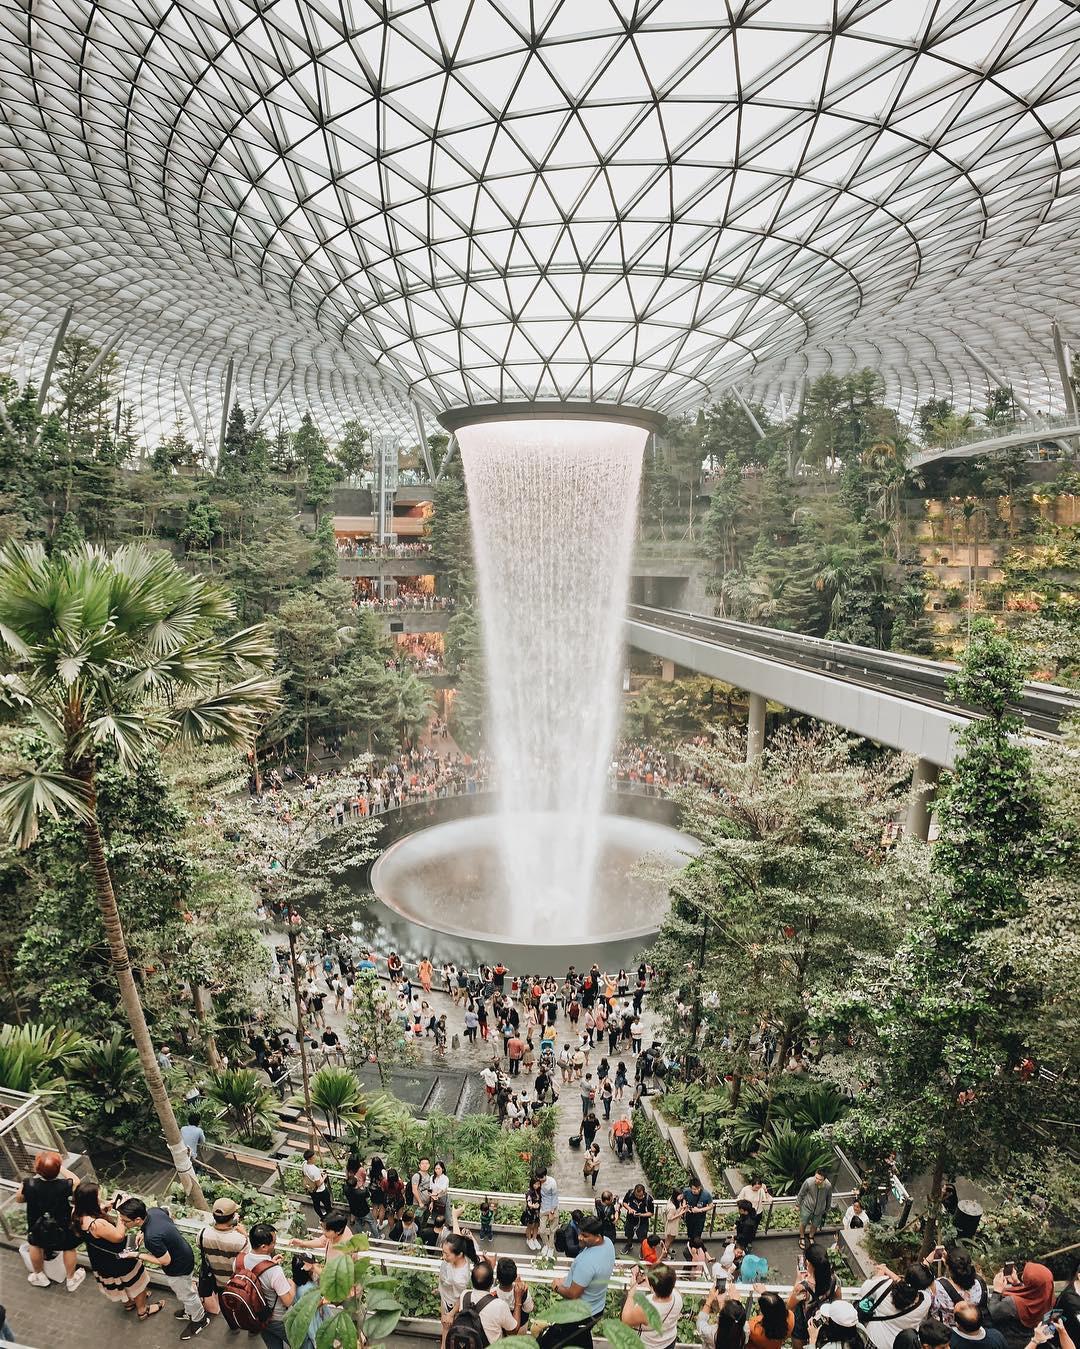 Thác nước khổng lồ chiếm trọn spotlight sân bay Changi - Singapore: cứ 10 người đến đây thì hết 9 người đăng ảnh check-in với background này - Ảnh 6.